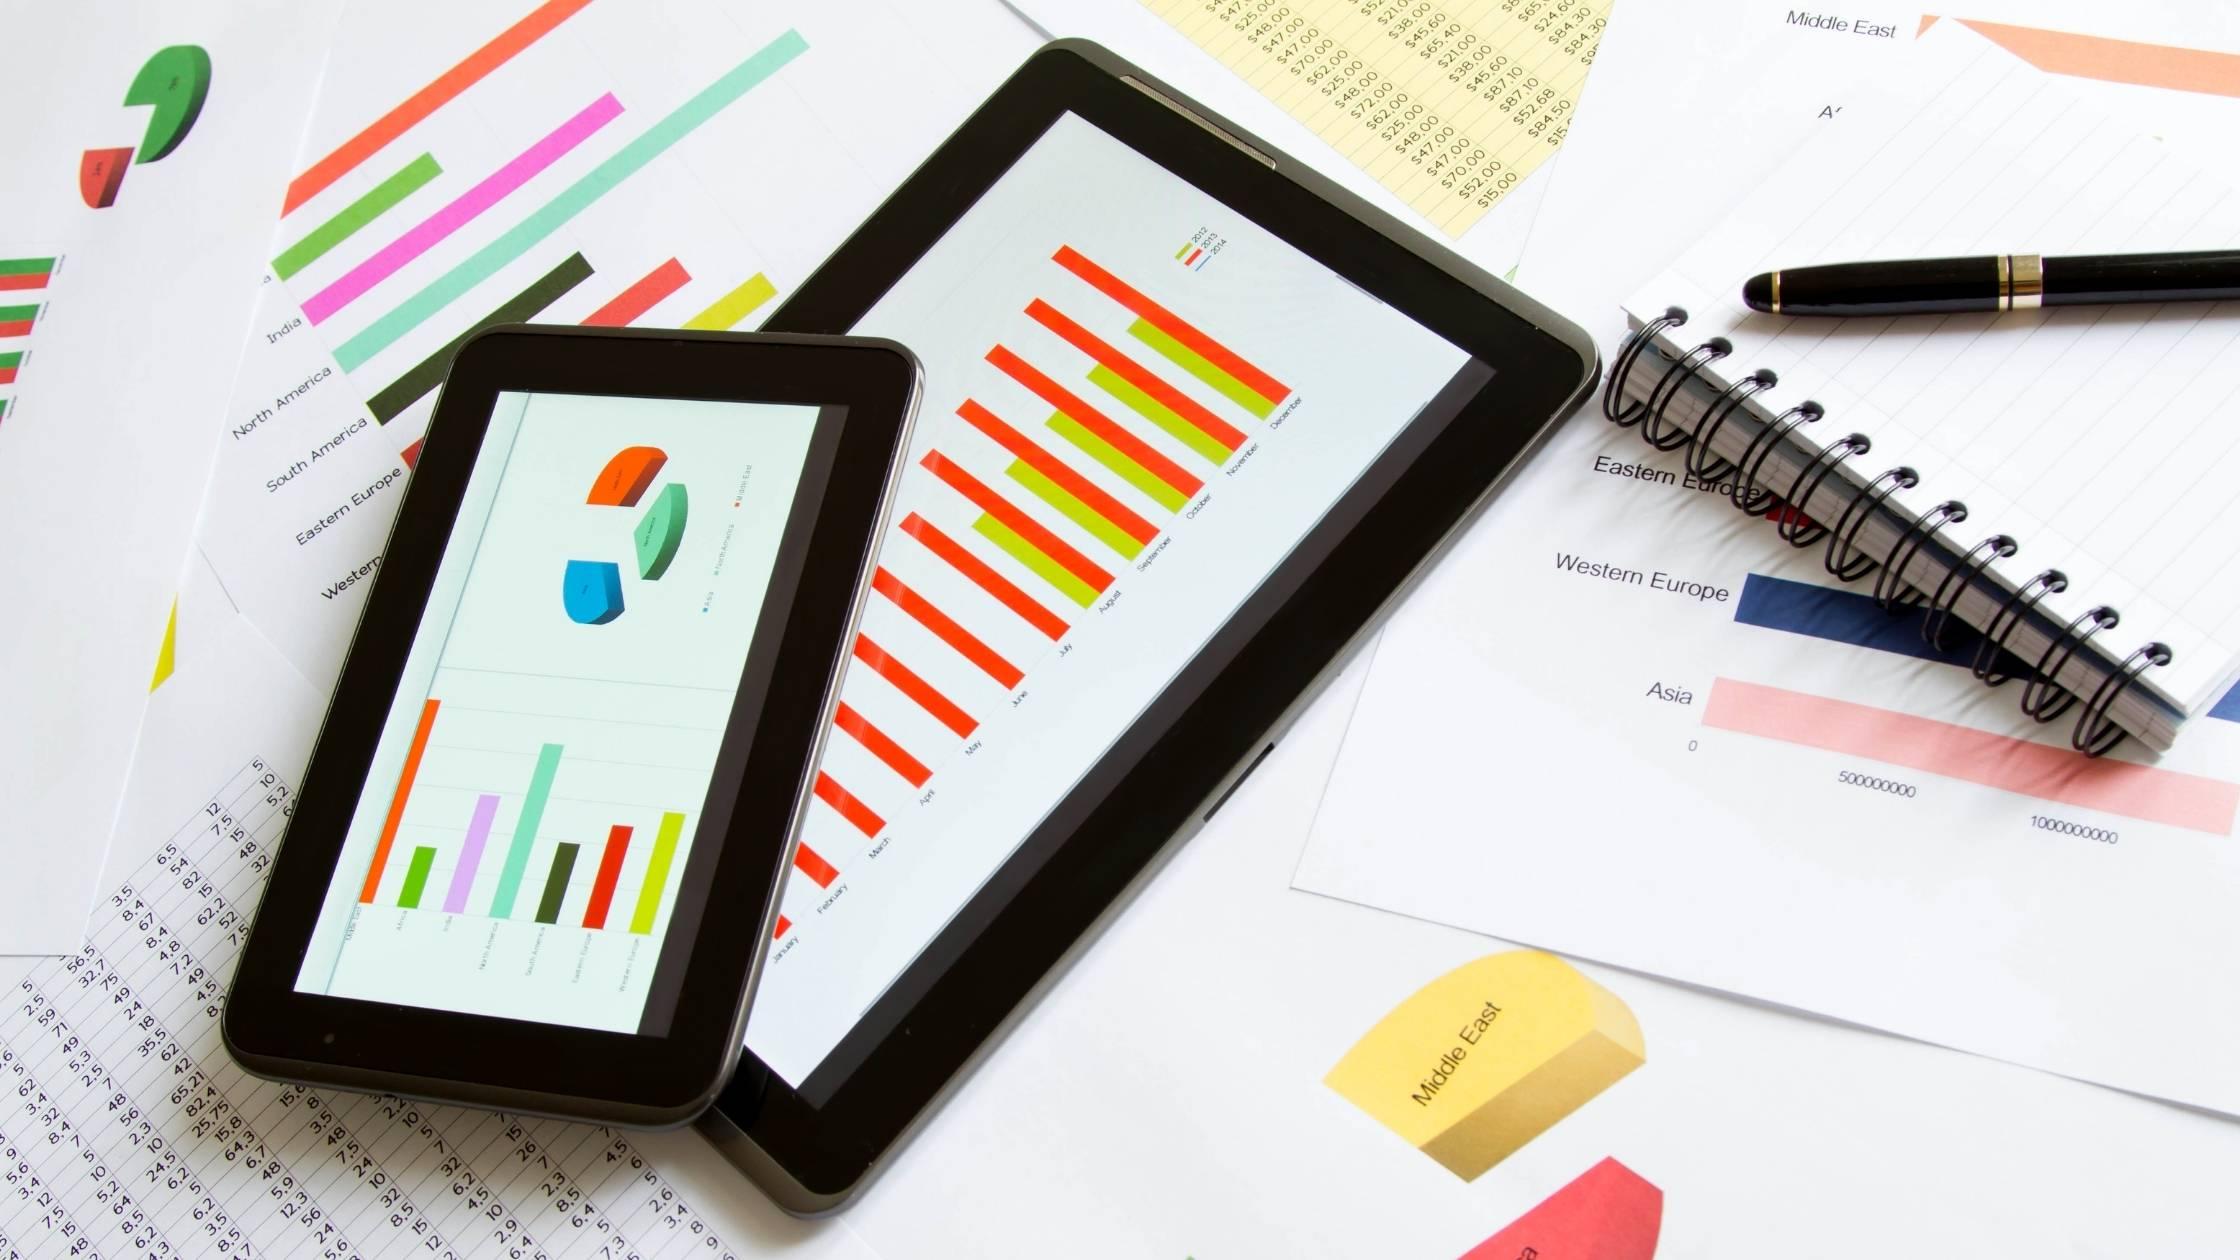 tabela de índices ensicon contabilidade cursos e treinamentos